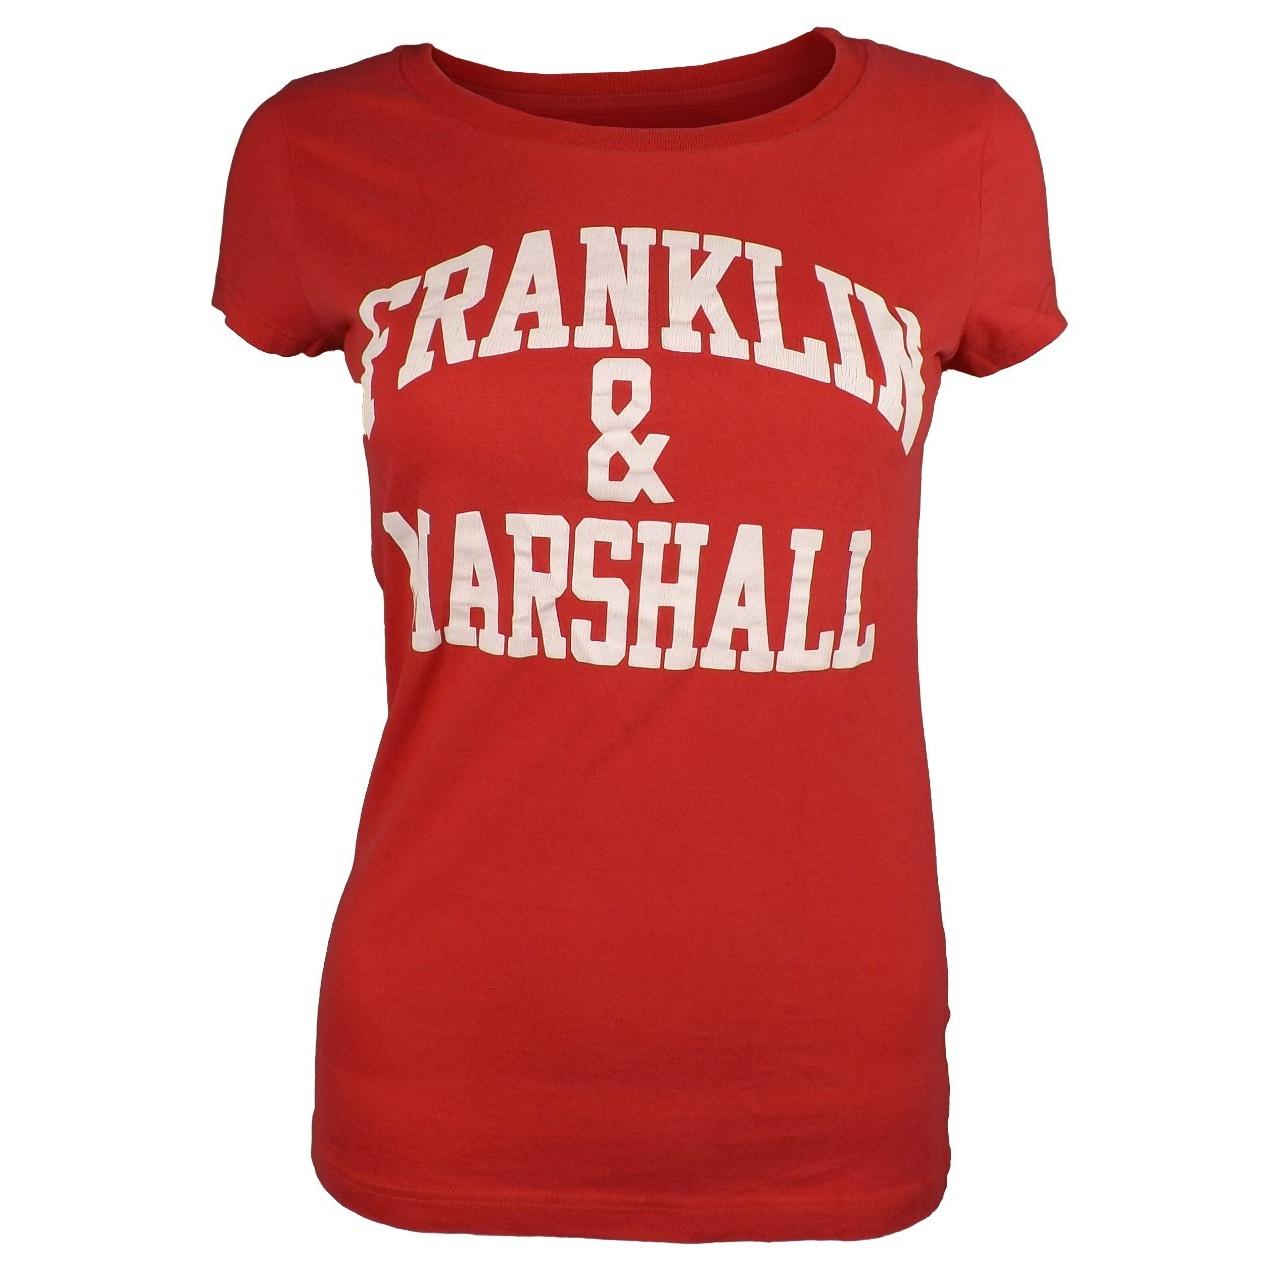 تیشرت زنانه فرانکلین مارشال مدل جرزی کد 574